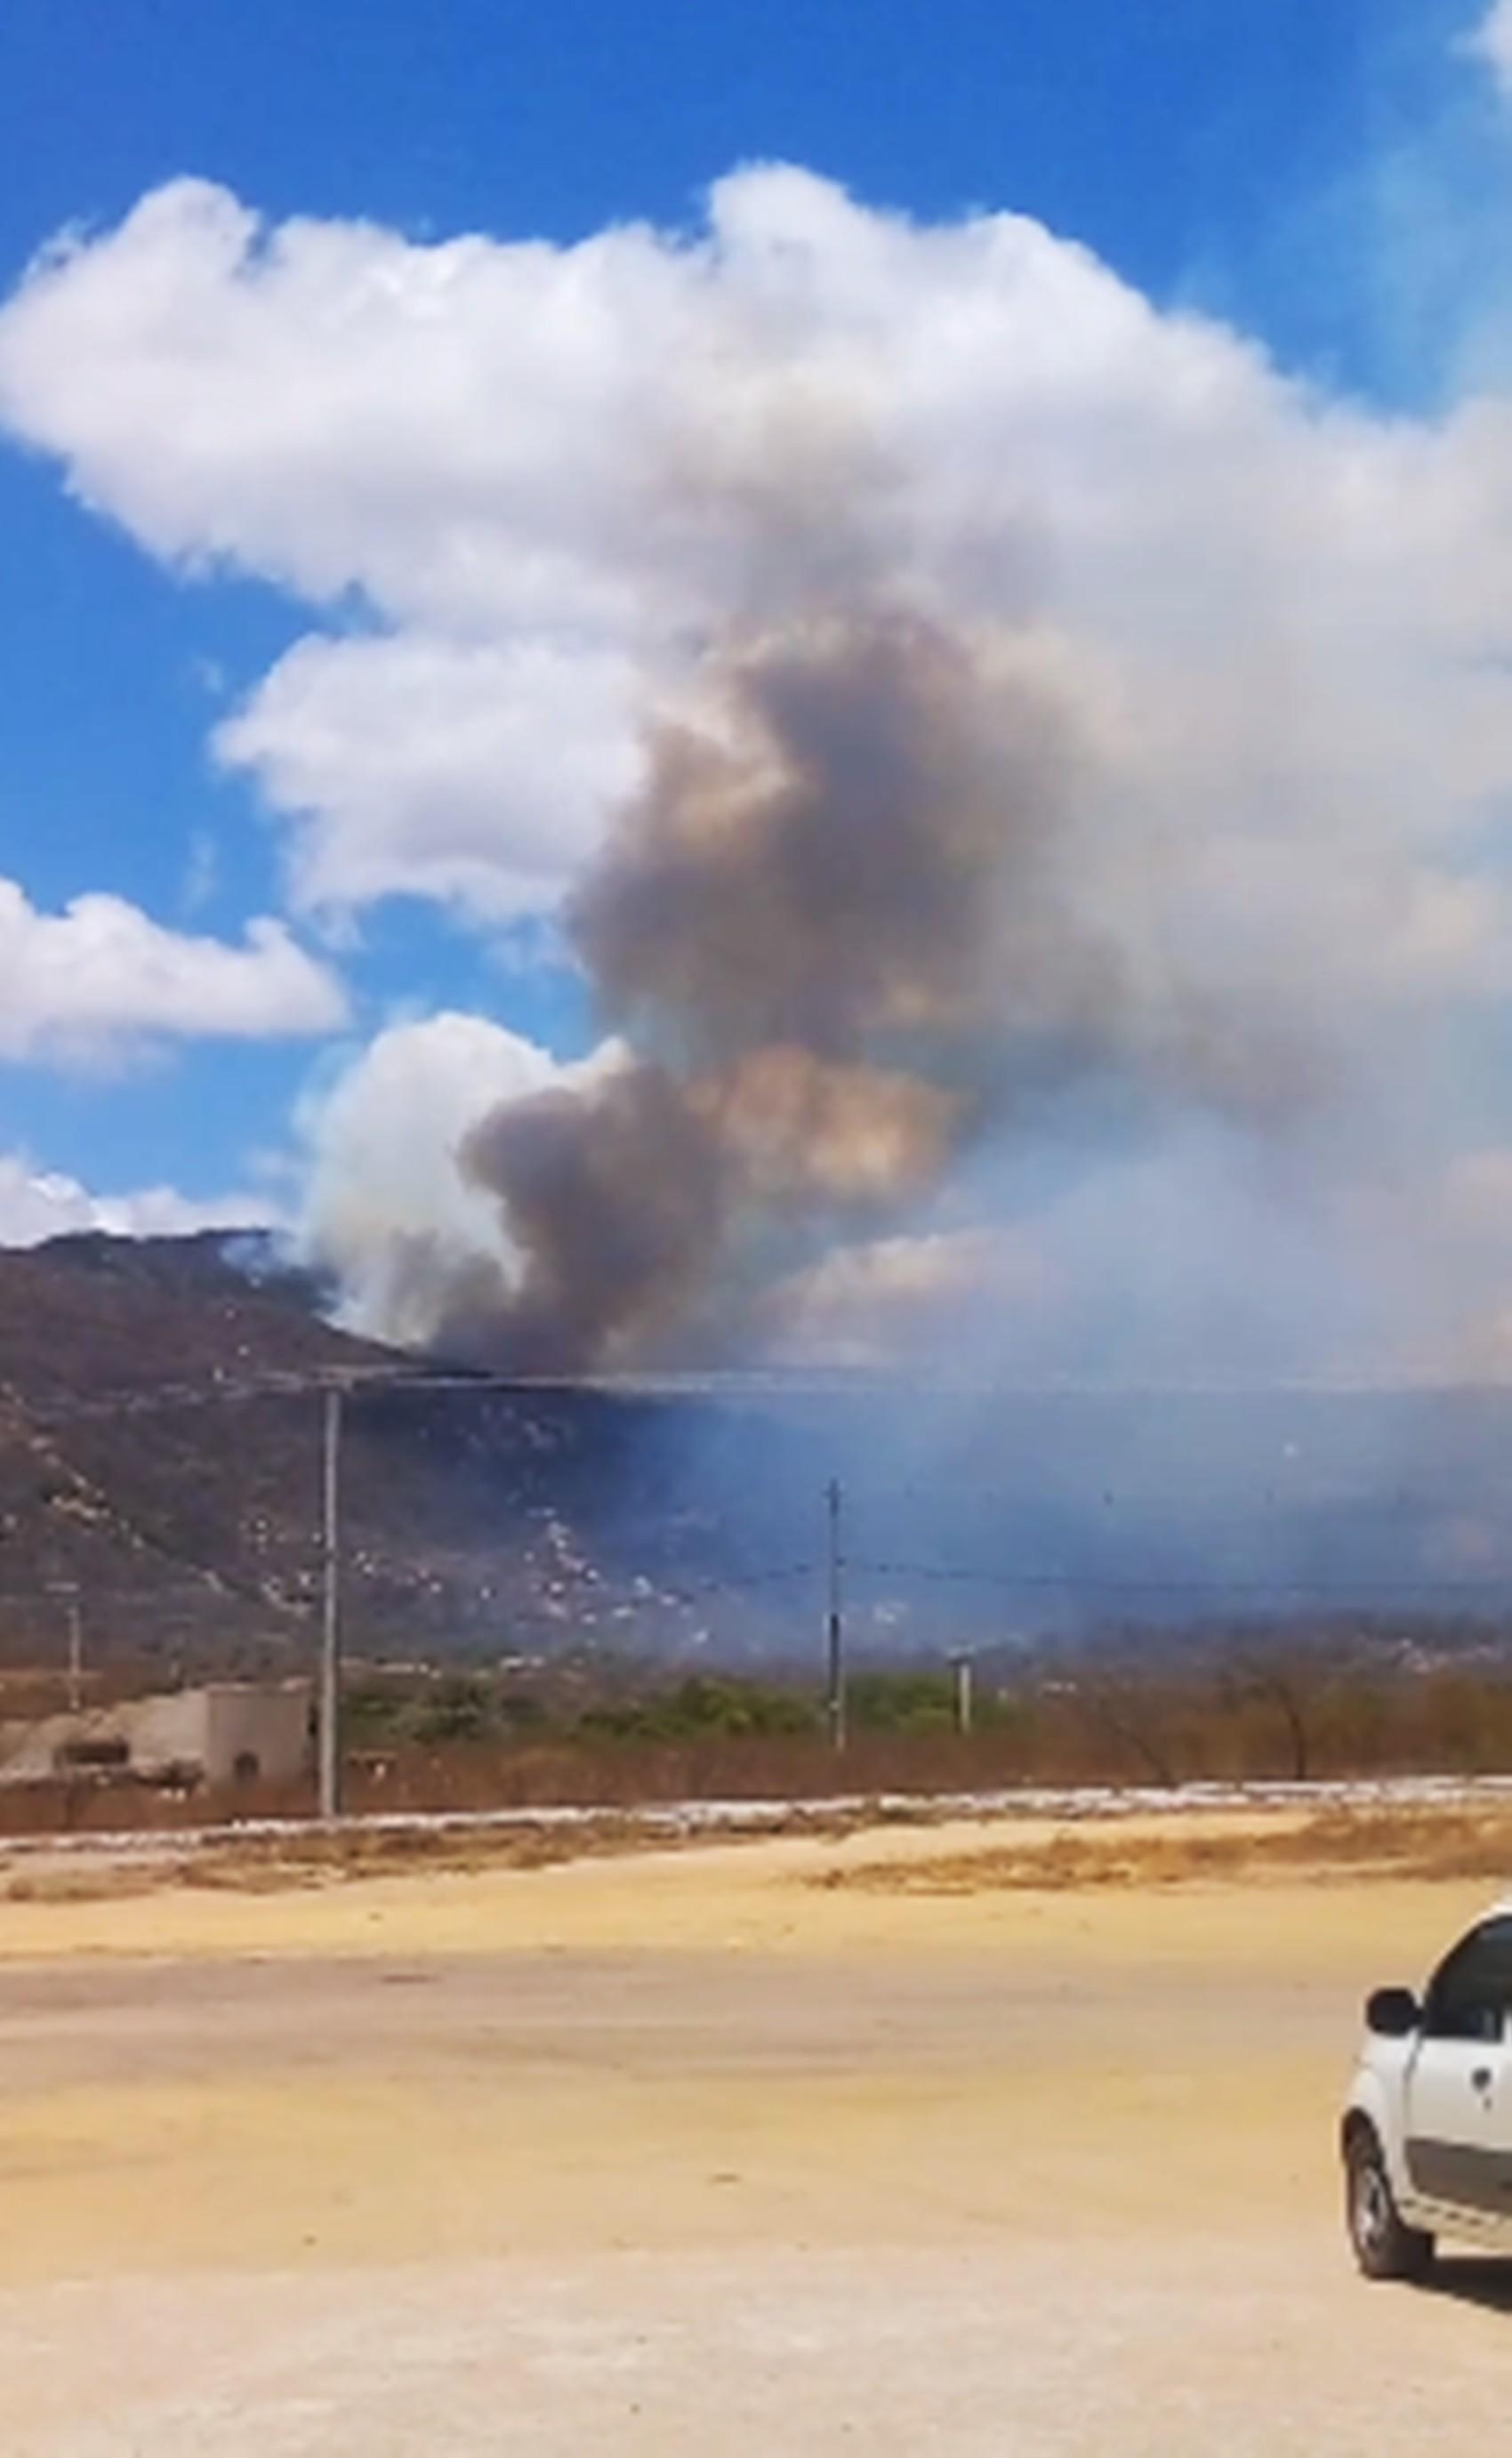 Corpo de Bombeiros confirma risco de incêndio florestal atingir Santuário do Lima, em Patu, RN - Notícias - Plantão Diário